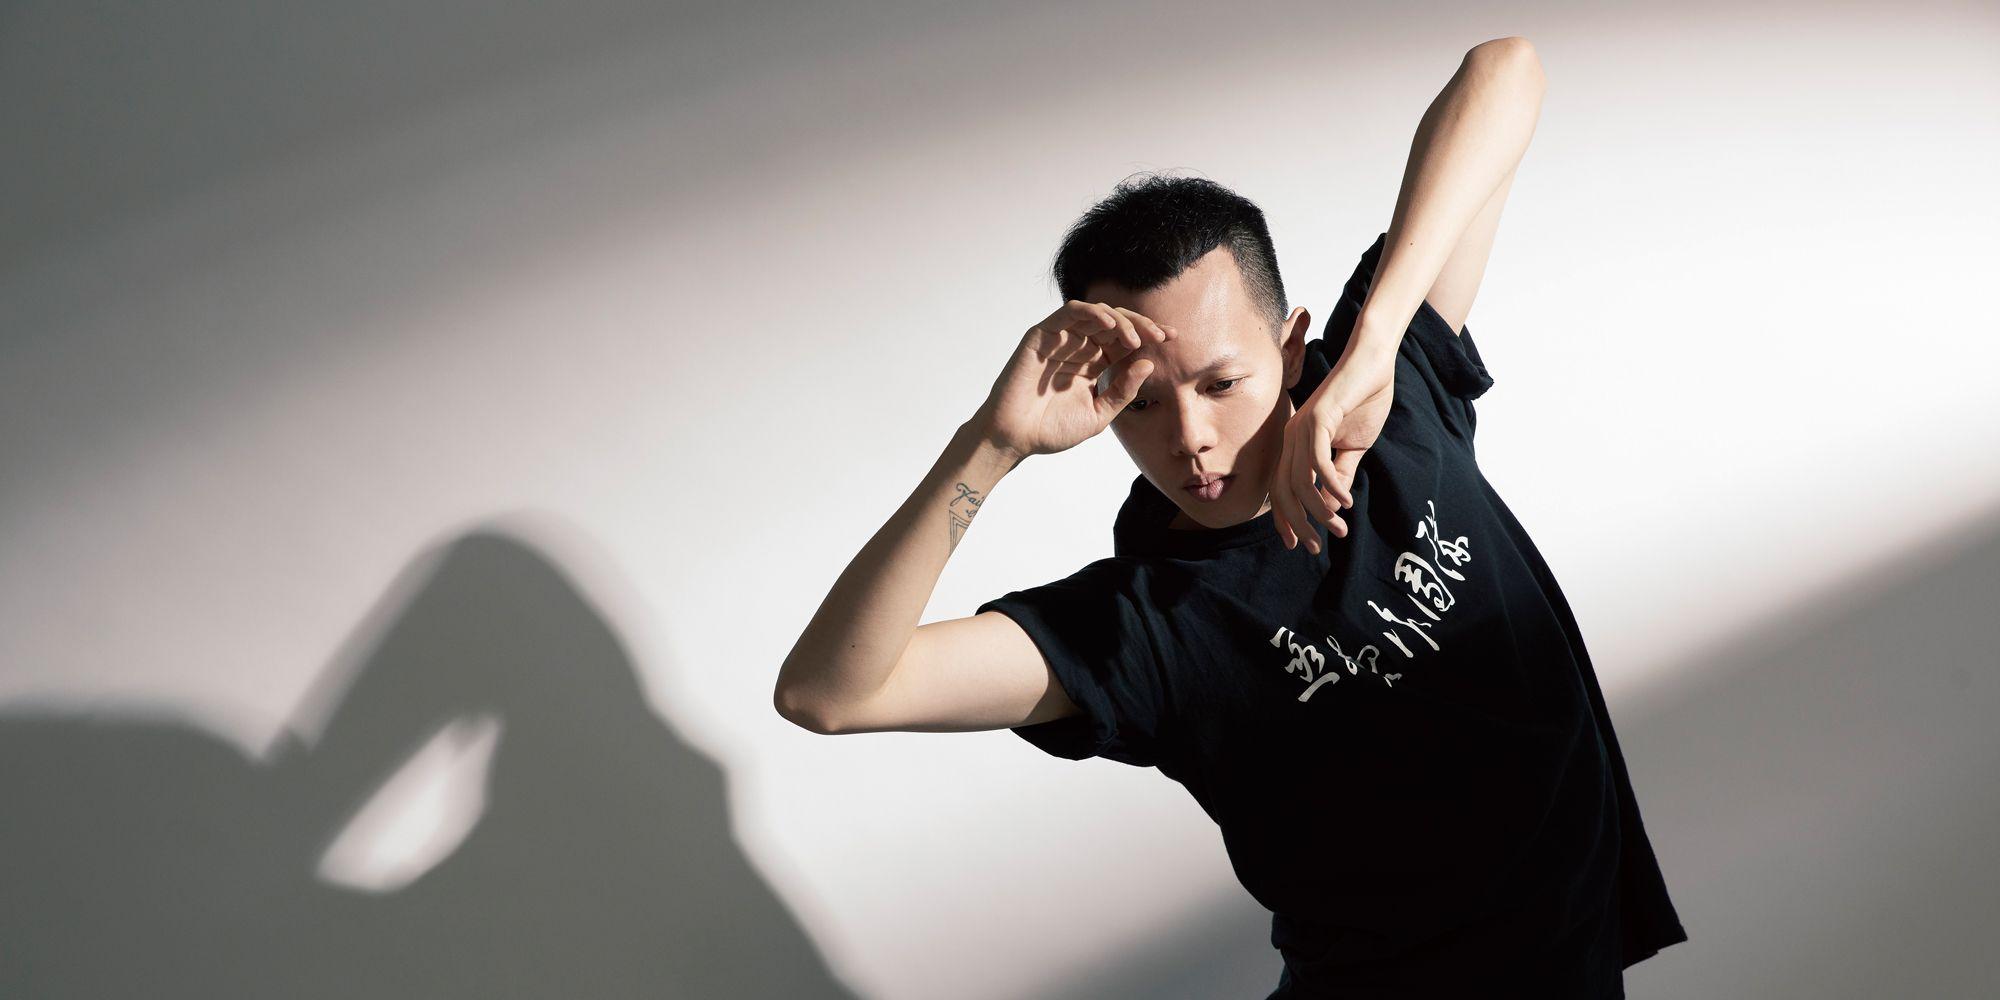 以舞蹈為人生信仰,丞舞製作團隊藝術總監蔡博丞舞出自我的時代定位與價值